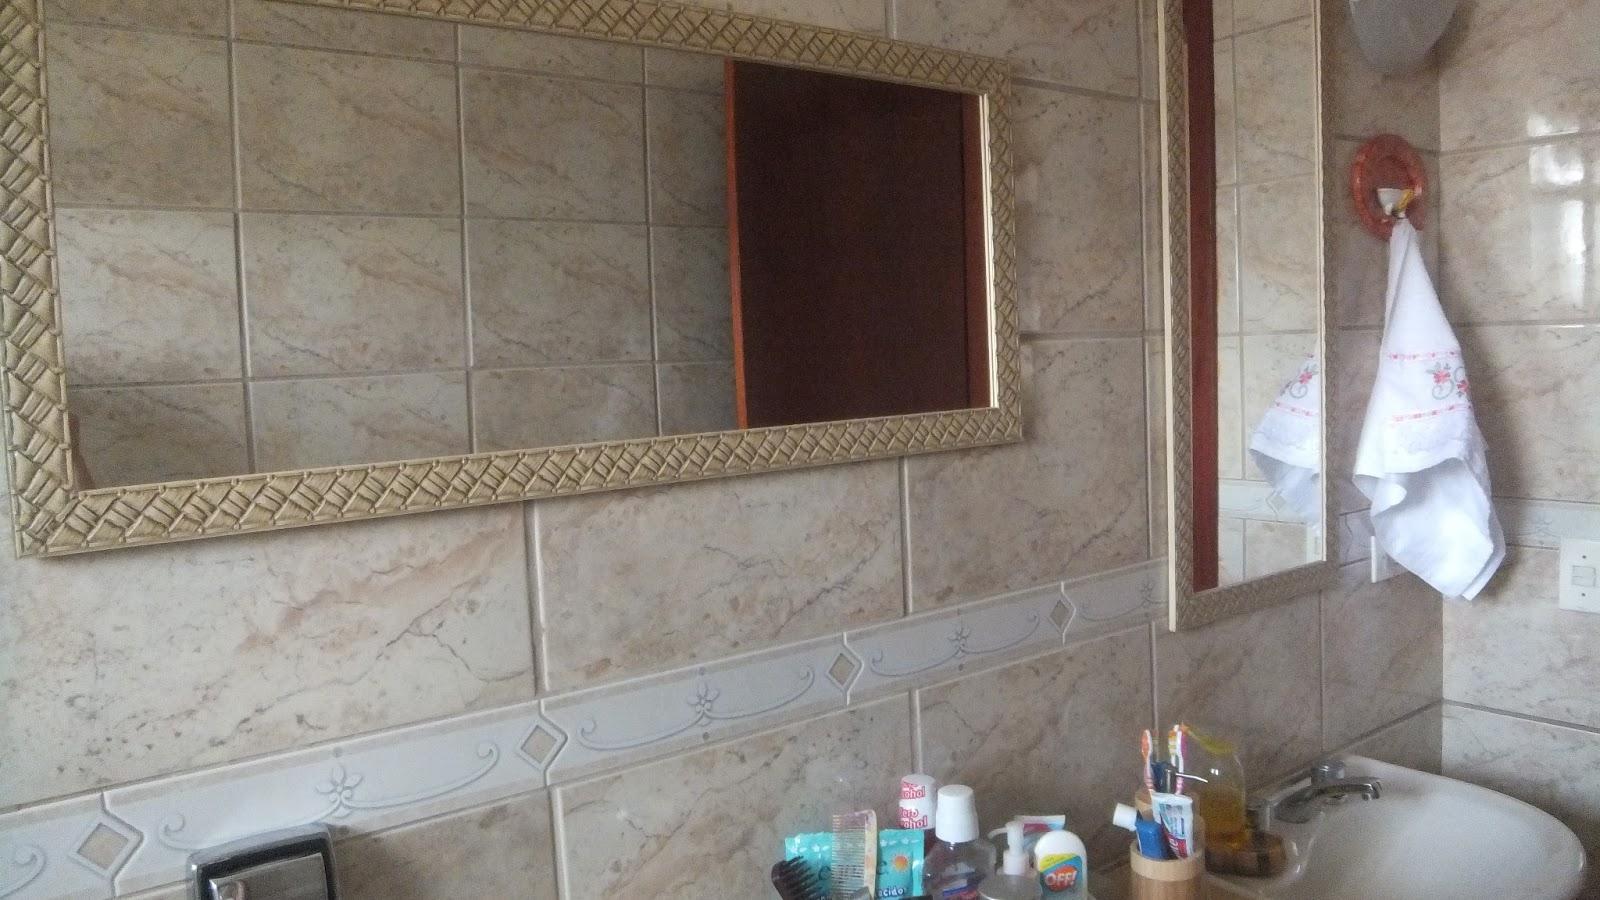 Colocamos nele dois espelhos com as molduras iguais um na horizontal  #416D80 1600x900 Armario Banheiro Rodas